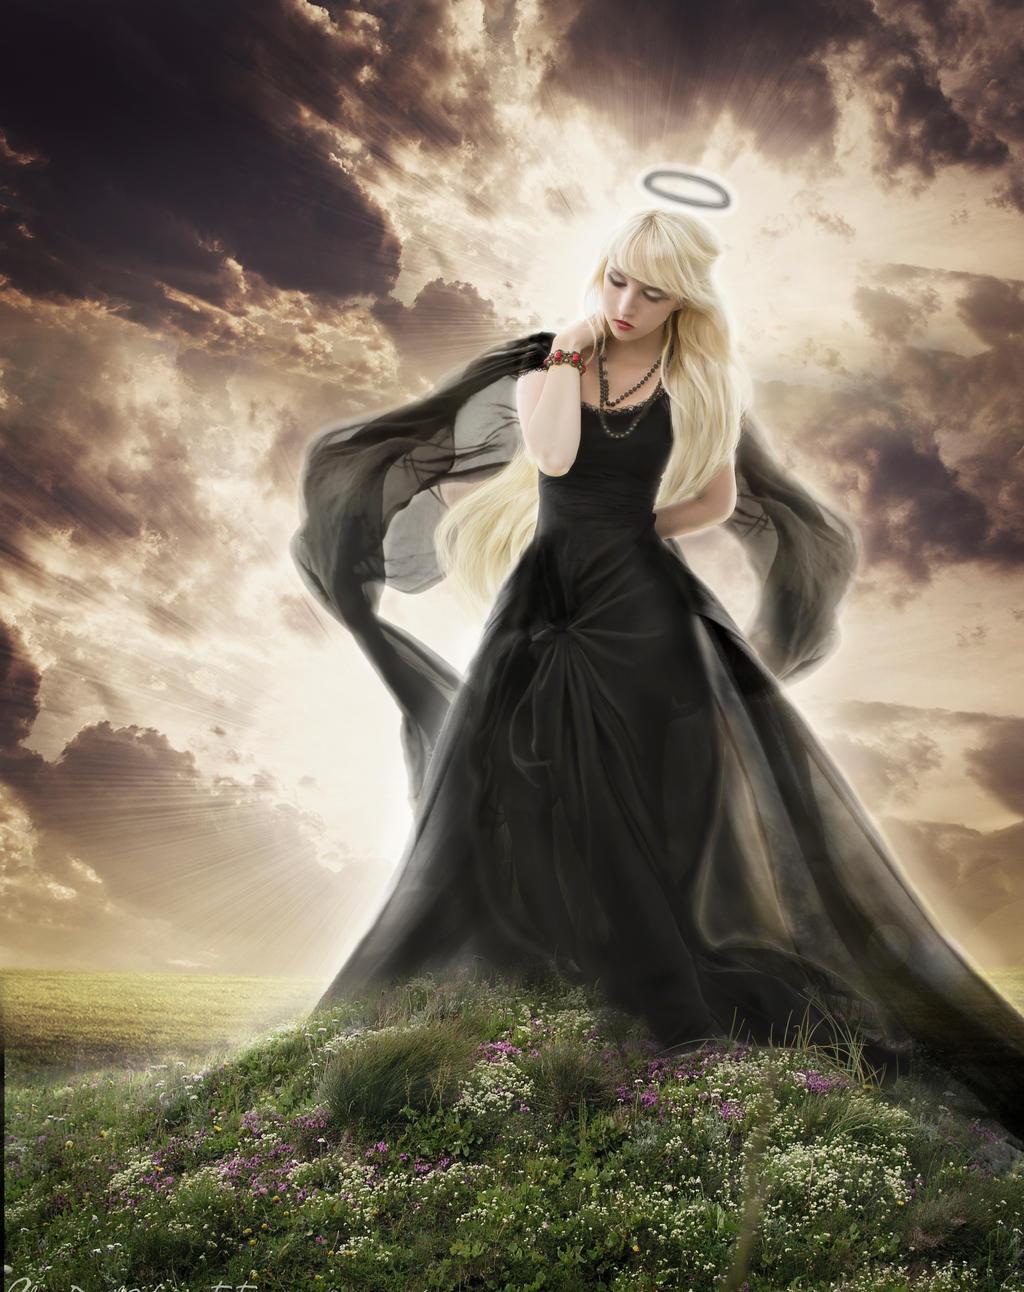 Fallen Angel by Anarielhime